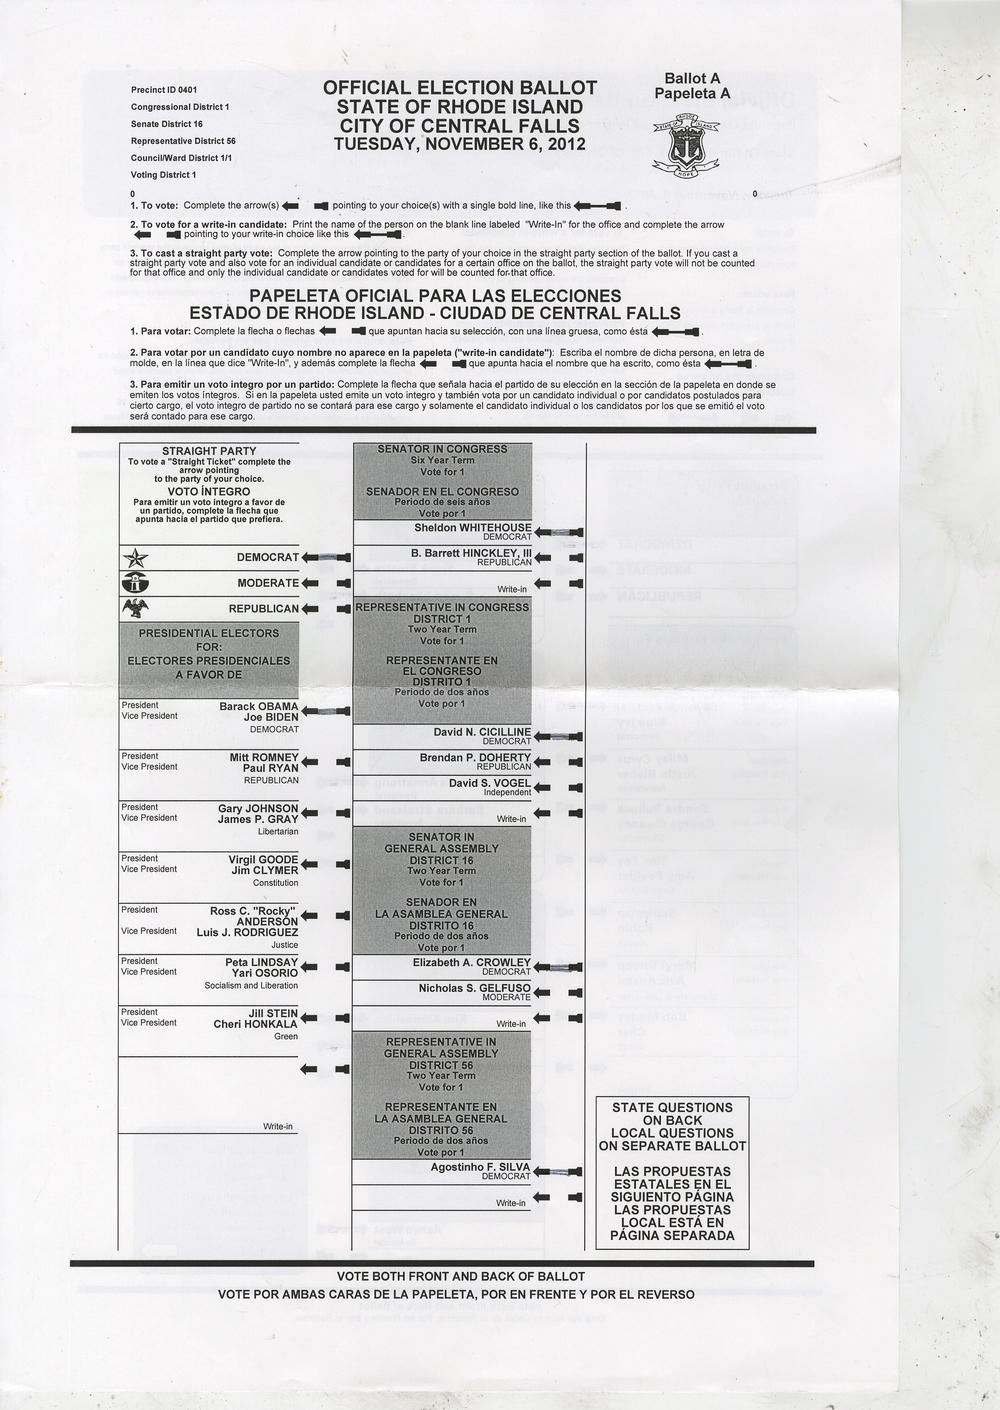 ballot8.jpg